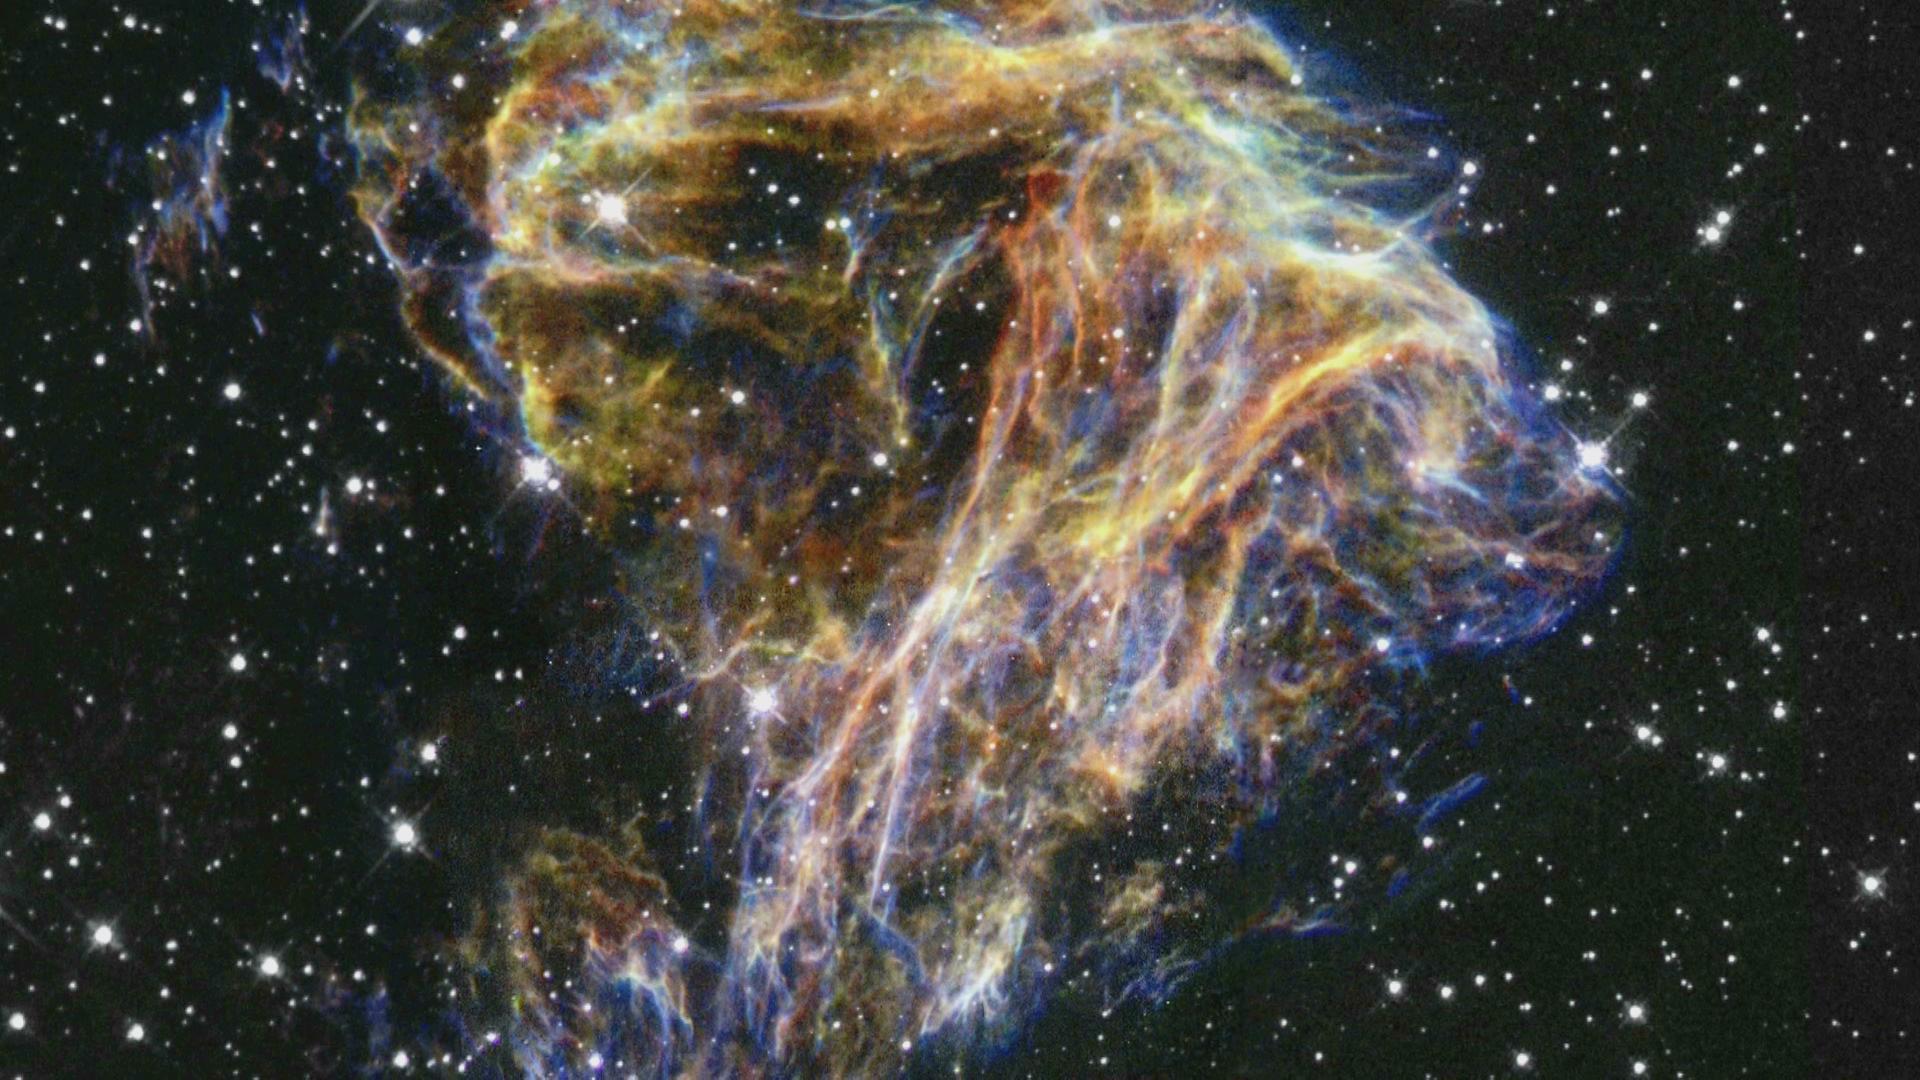 263宇宙星云色彩一组高清实拍视频素材闪耀 分 类:工业农业 分辨率